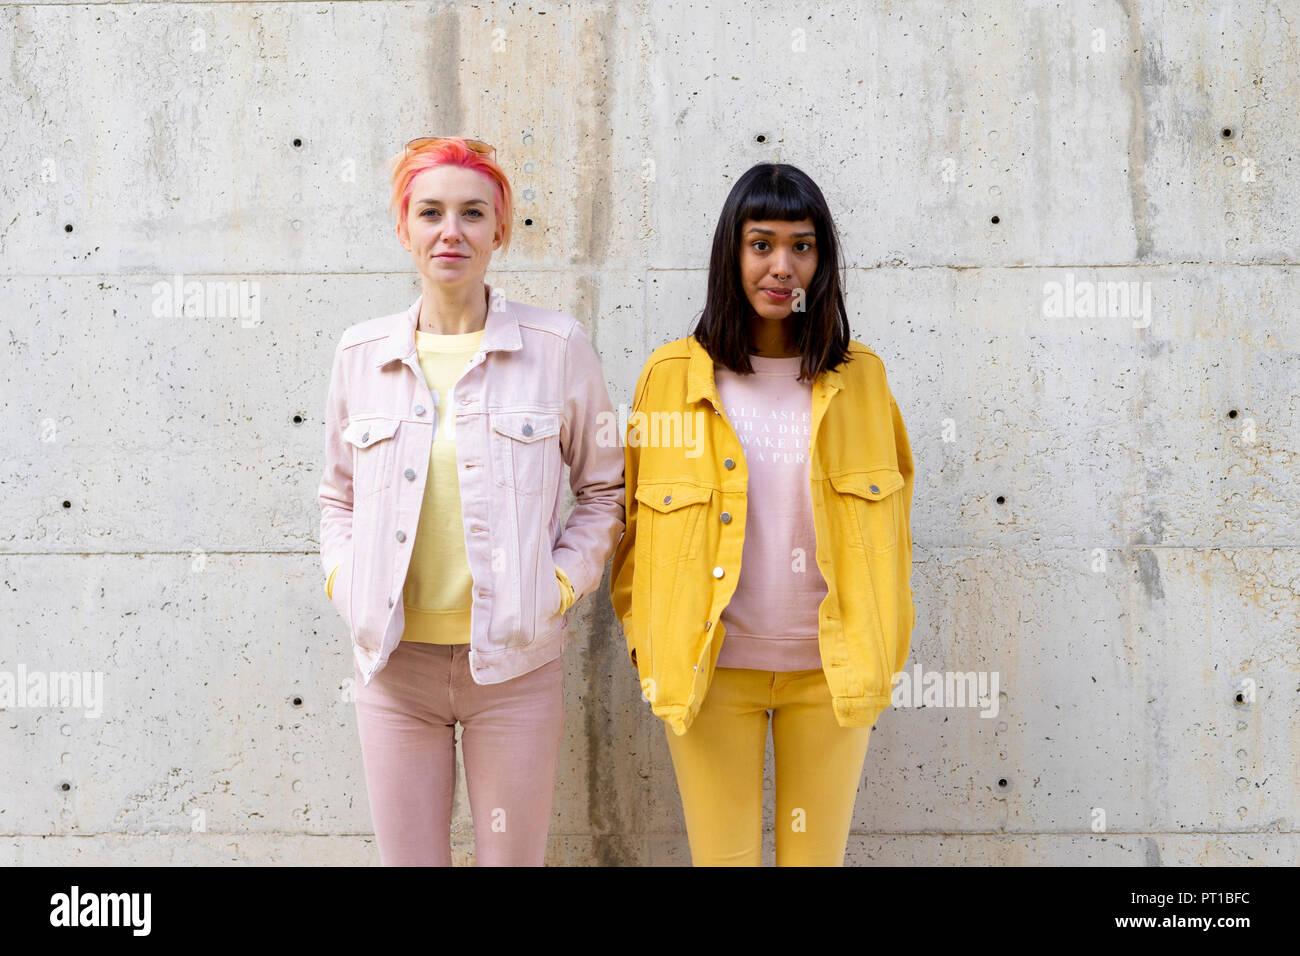 Zwei alternative Freunde Spaß haben, tragen gelbe und rosa jeans Kleidung Stockbild